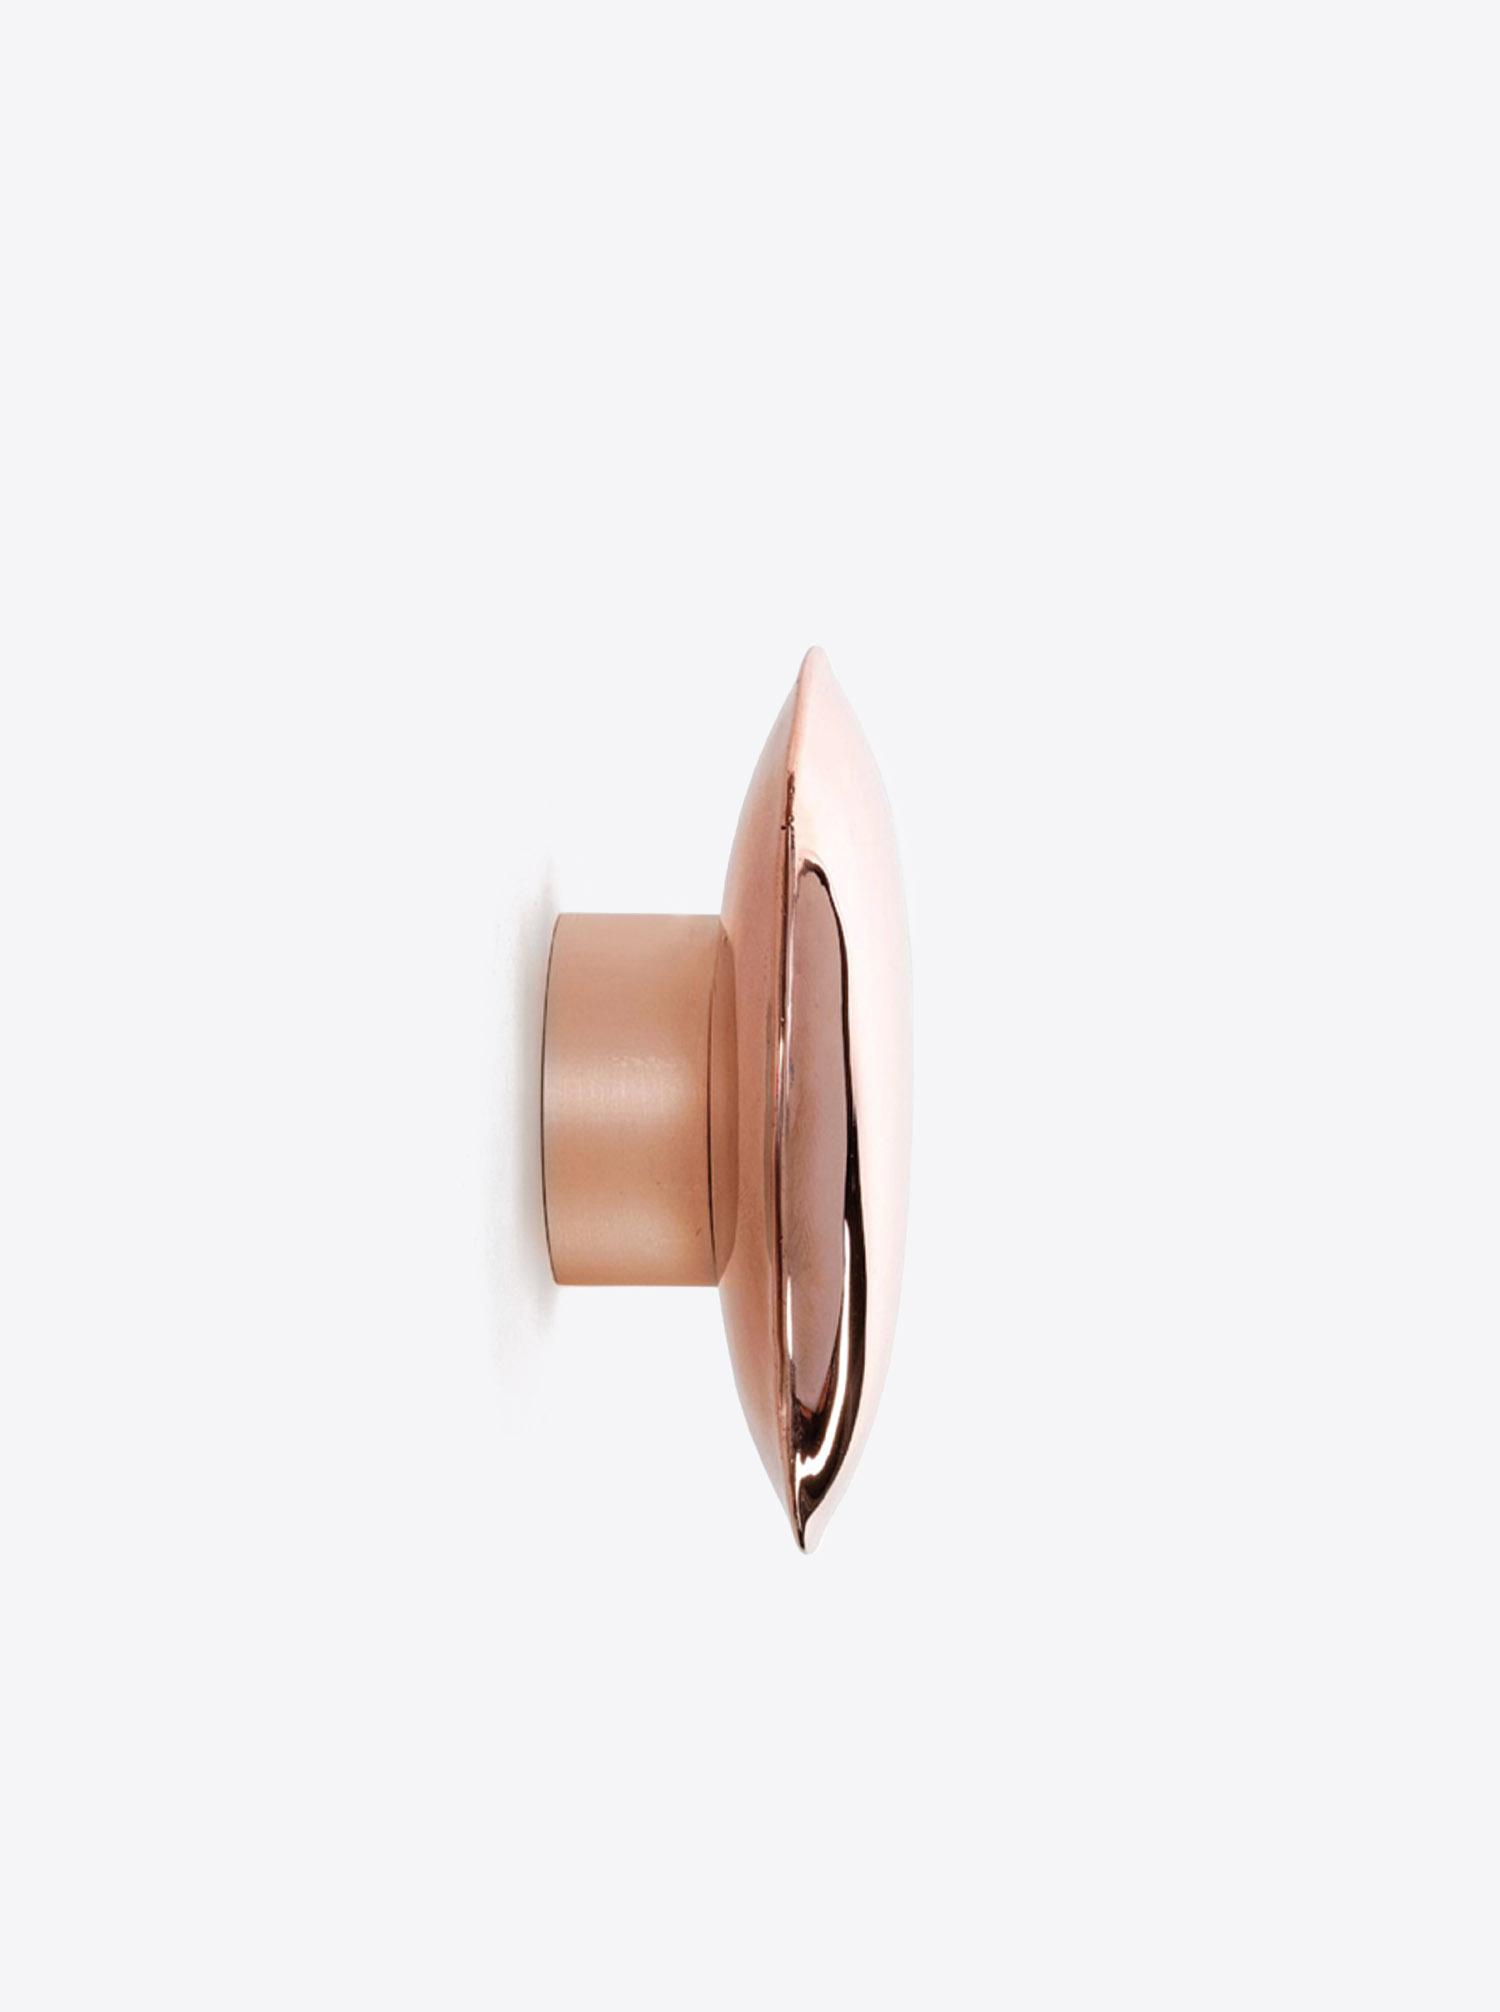 Hänger Pin Kupfer D16cm